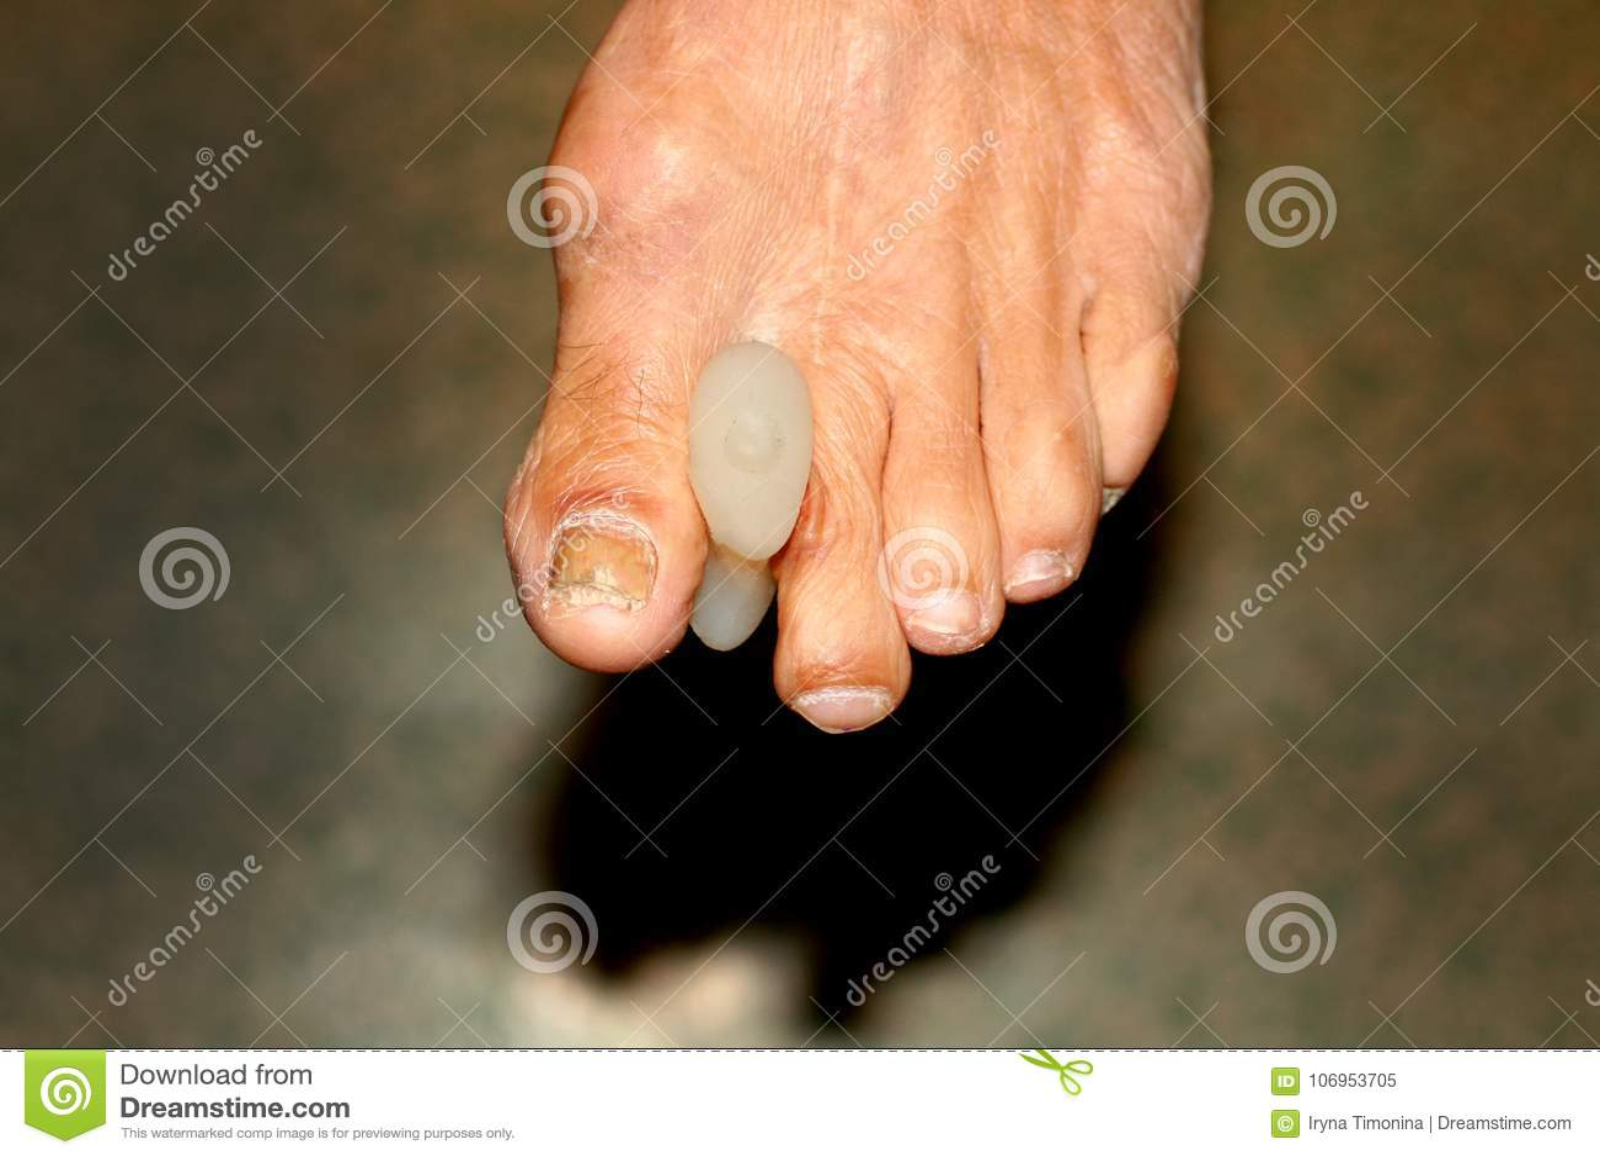 Interdigital stootkussens verdelingen voet Graan op tenen Kromming van vingers Interdigital Graanstootkussen